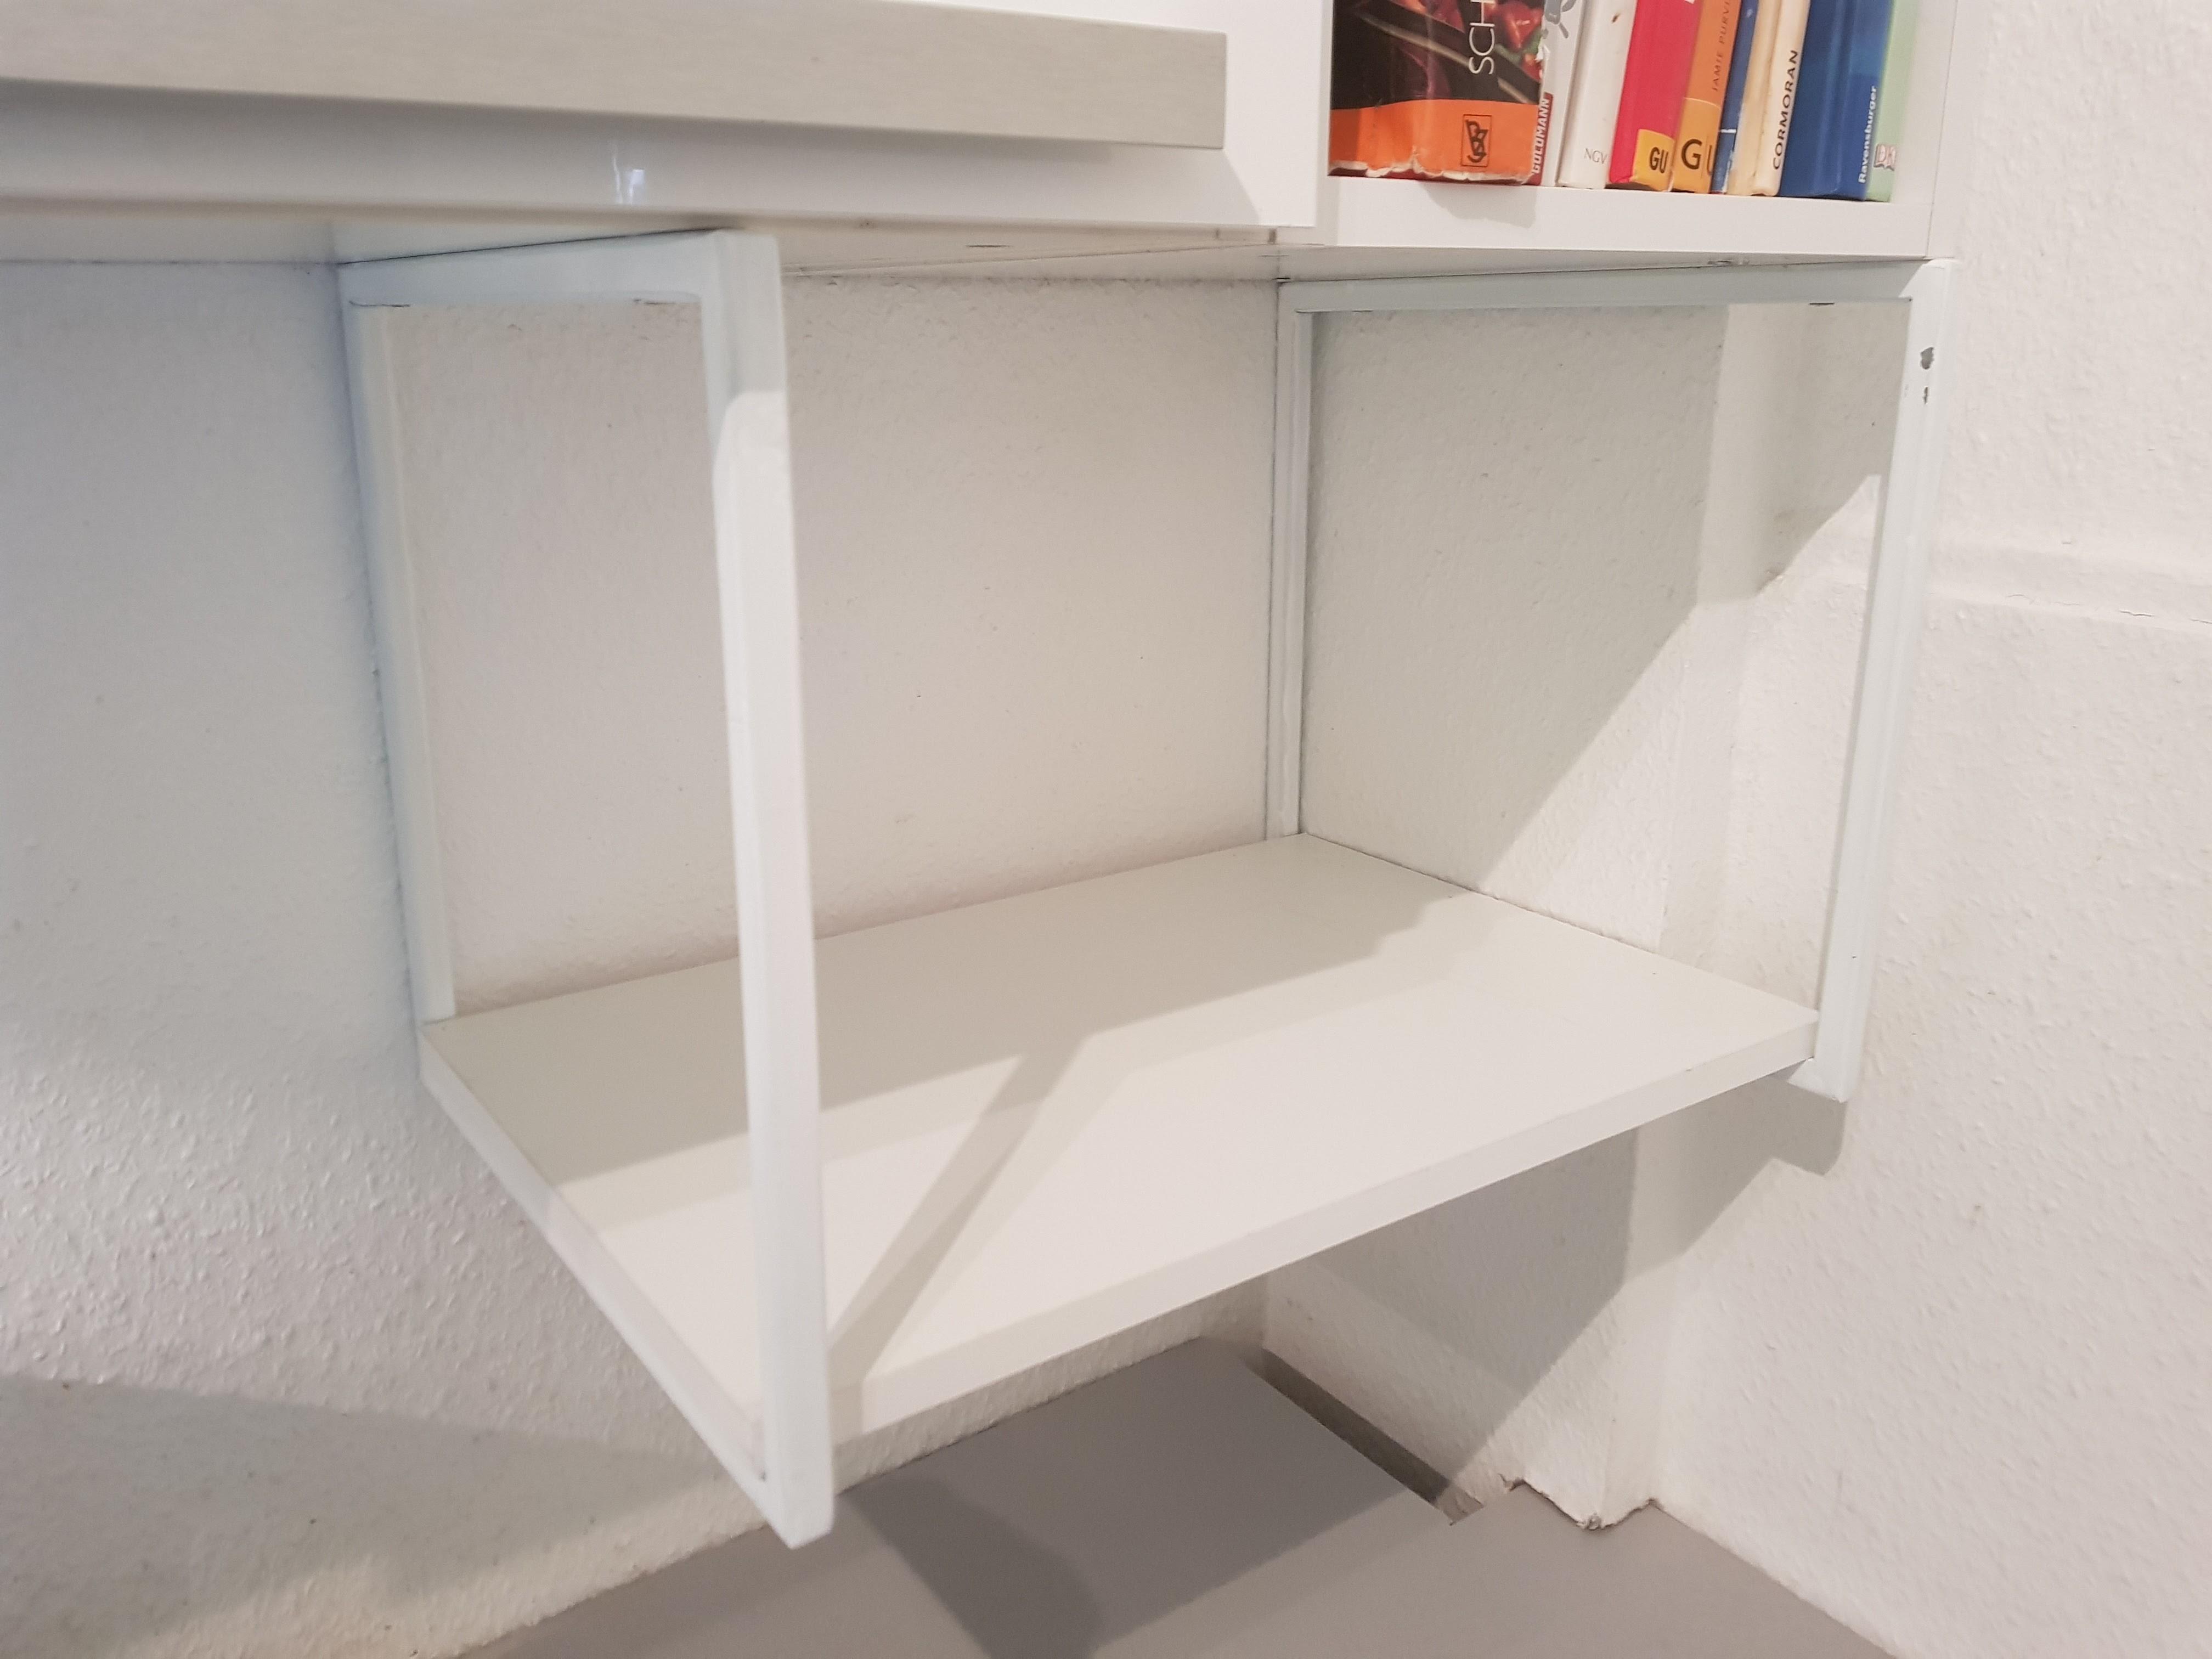 befestigung h ngeschrank k che ikea k che an wand. Black Bedroom Furniture Sets. Home Design Ideas